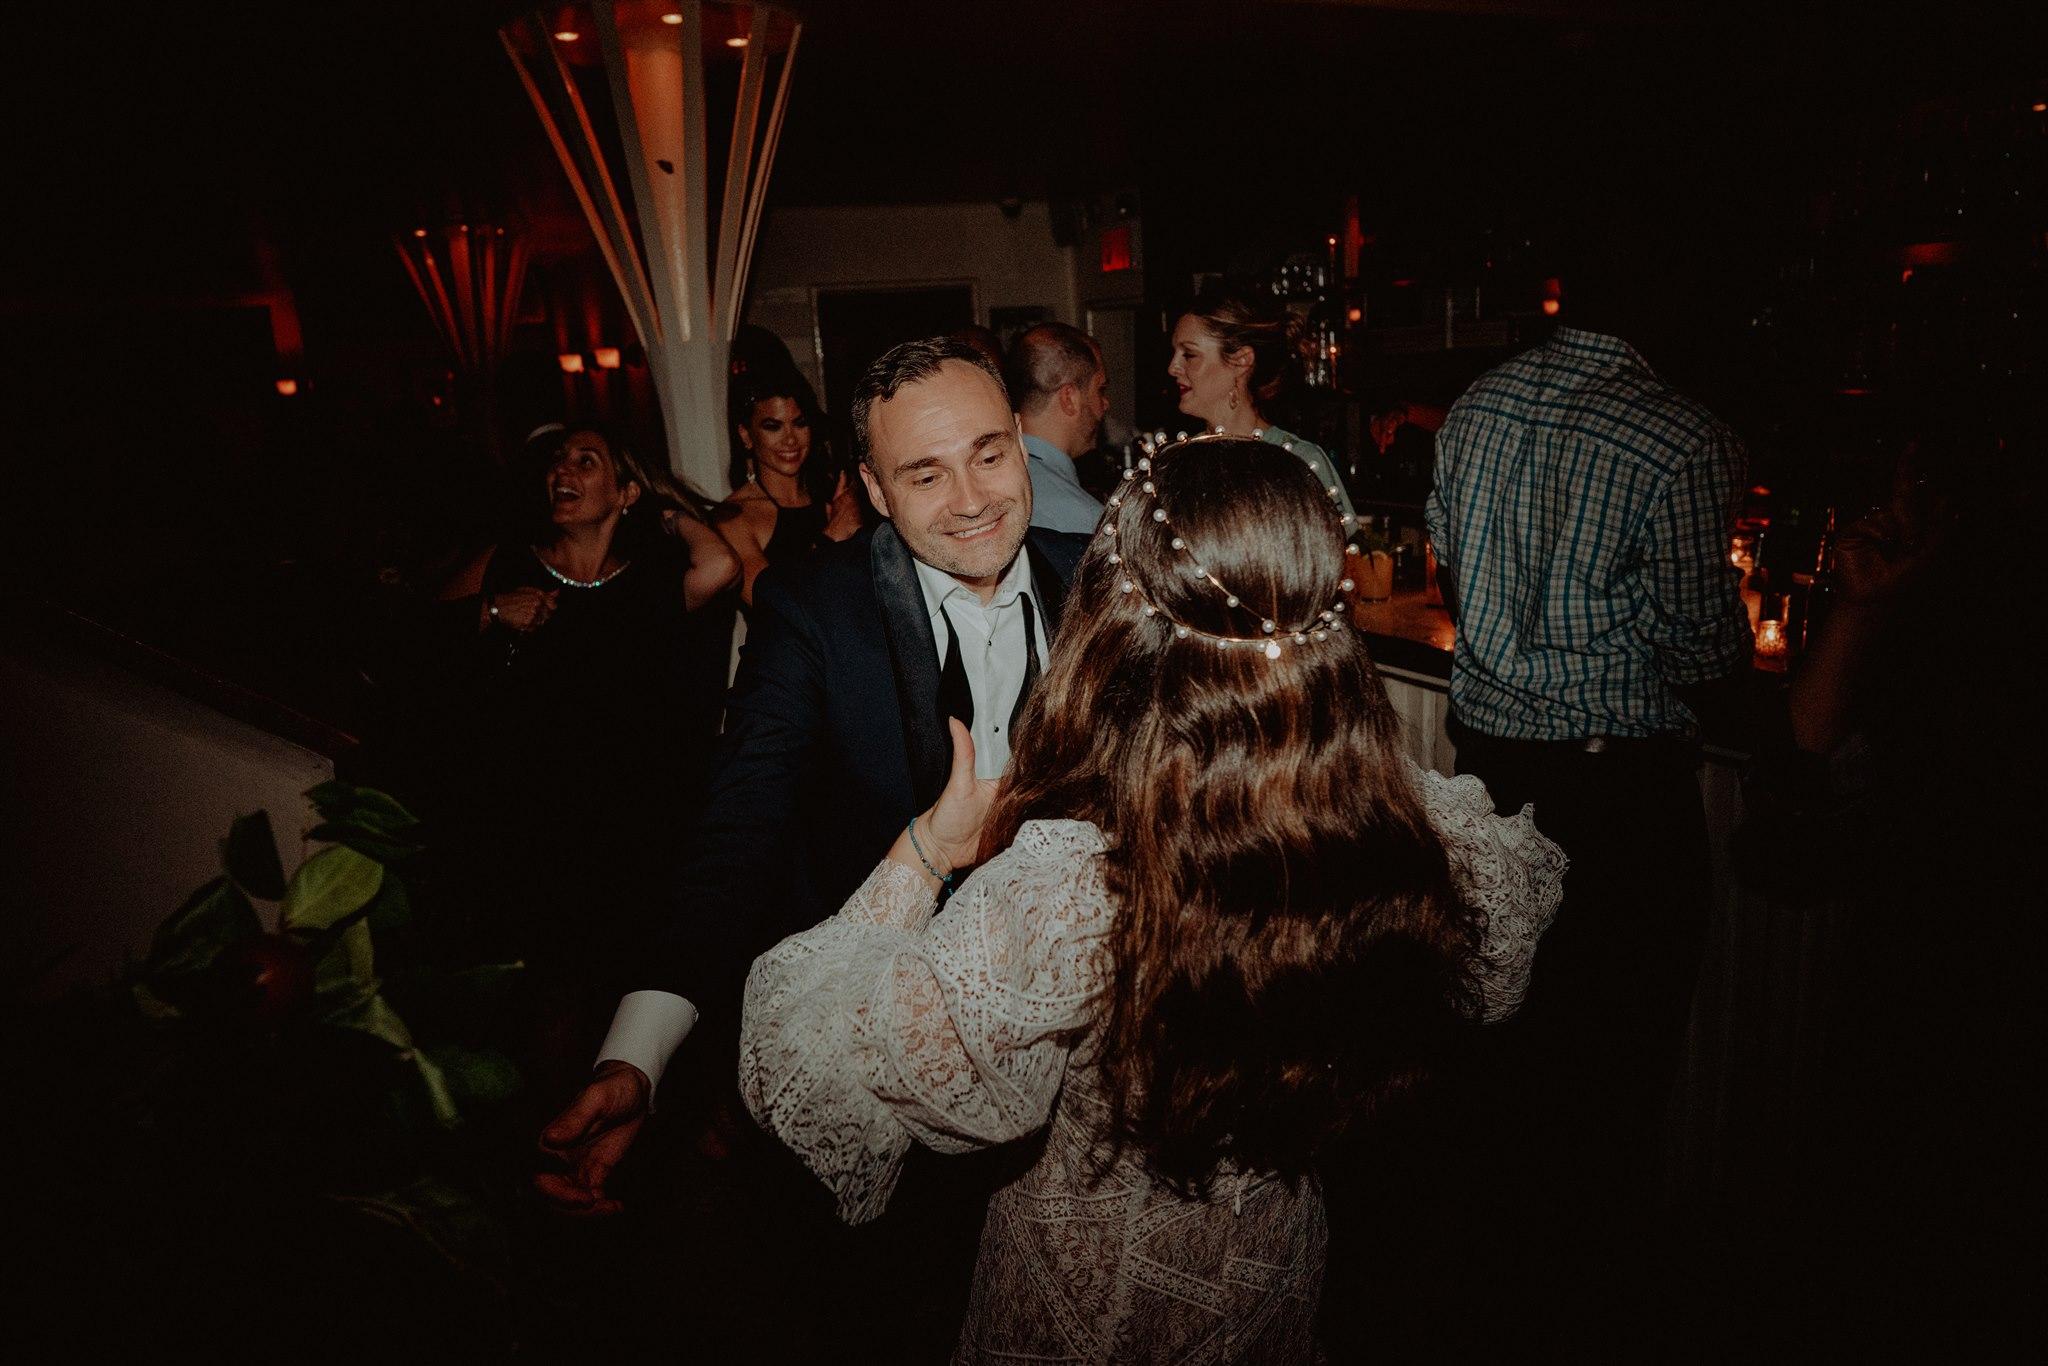 Chellise_Michael_Photography_Ramona_Brooklyn_Wedding_Photographer-855.jpg